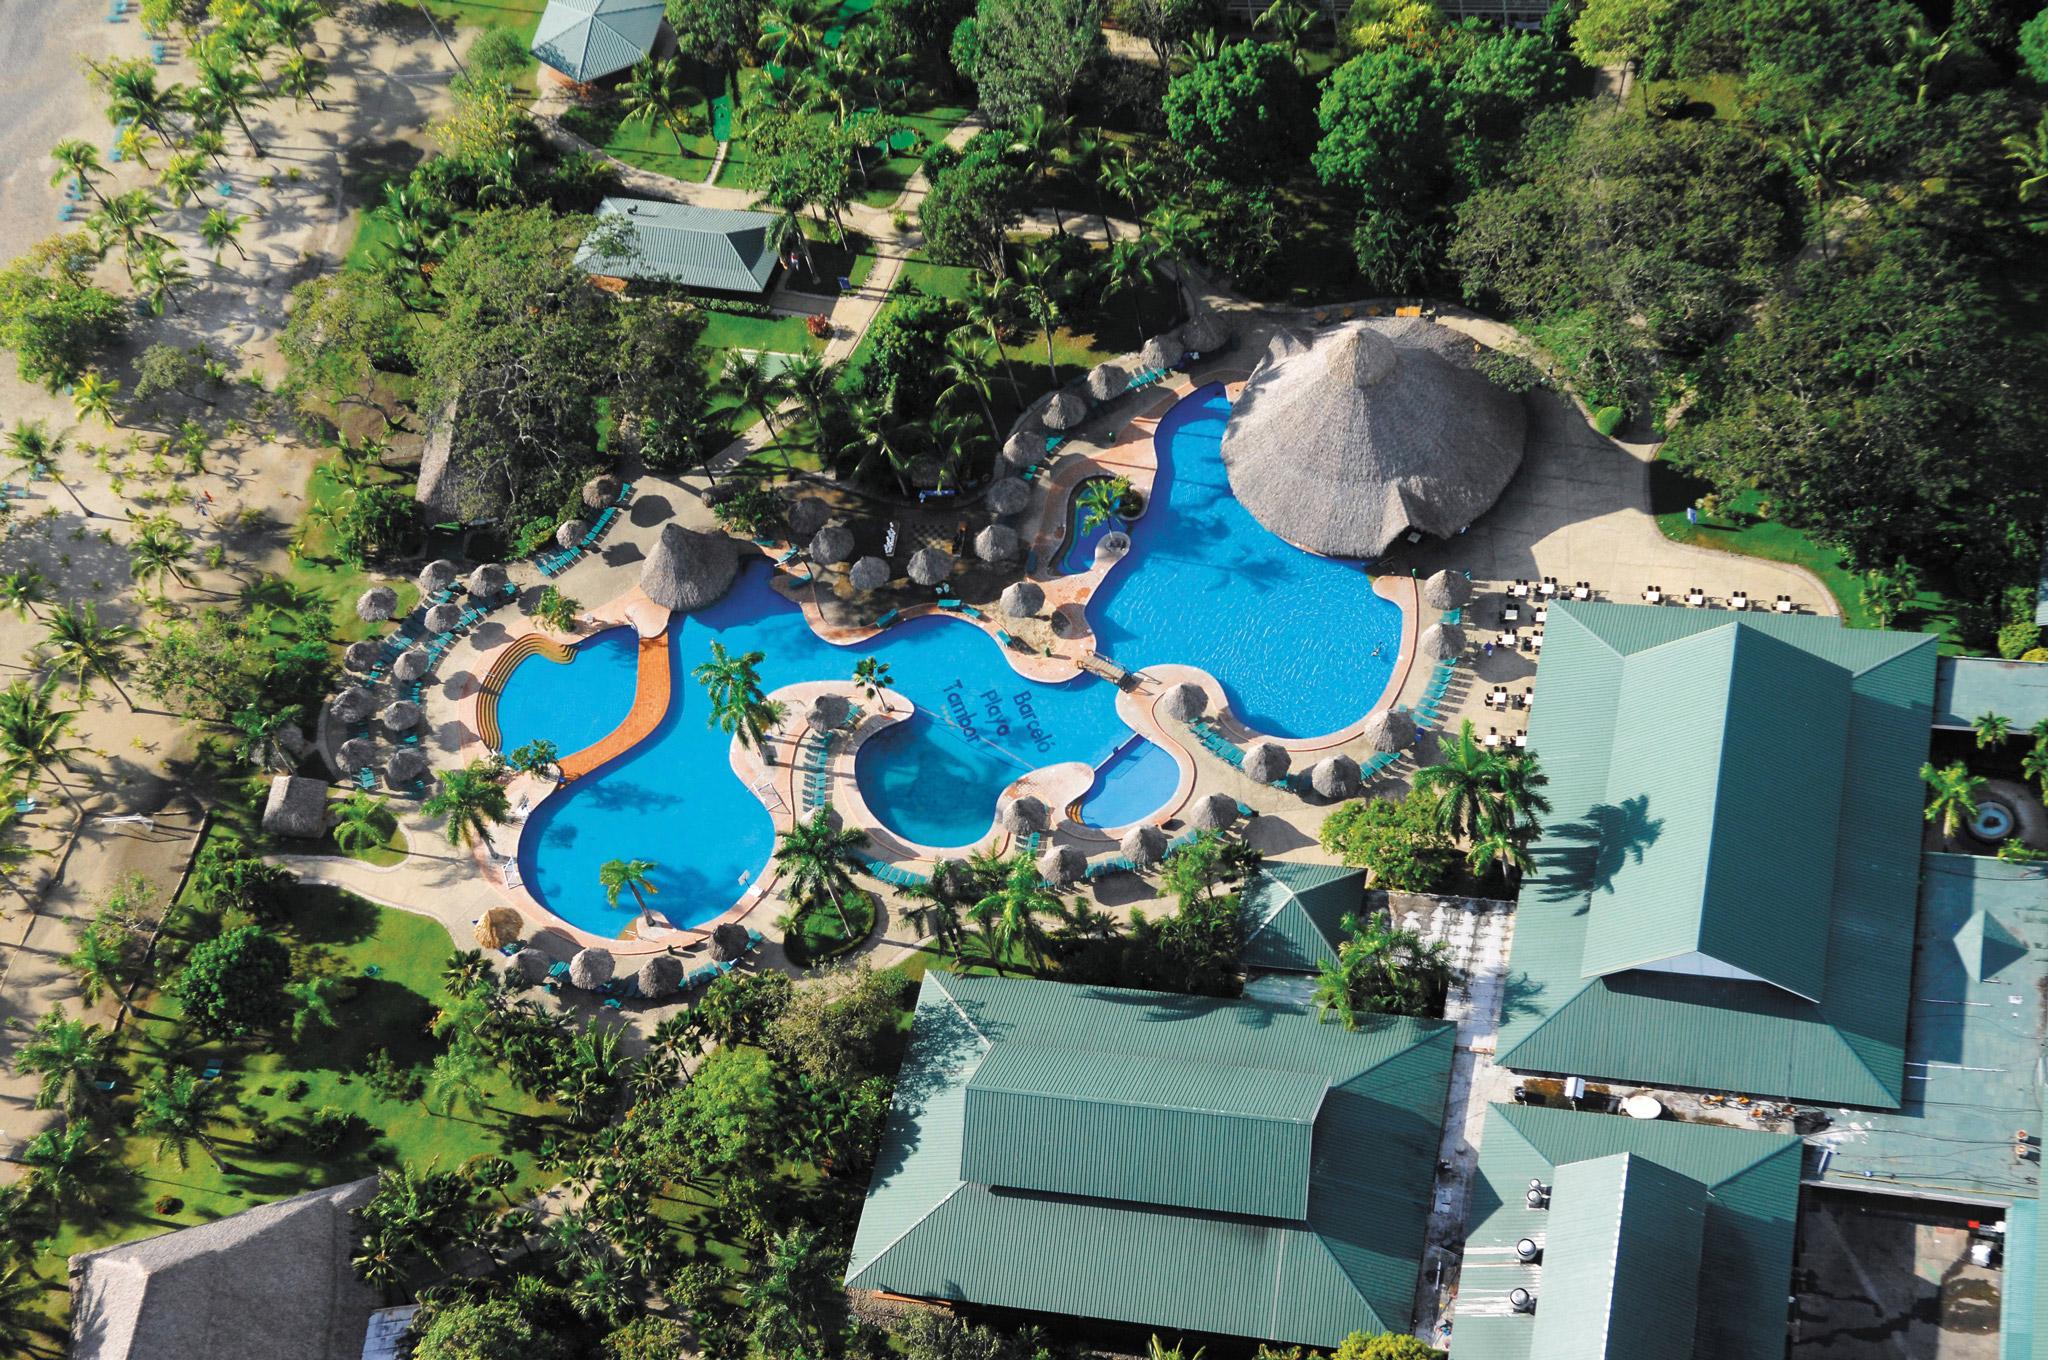 Barcelo casino playa resort tambor casino foxwoods ledyard resort